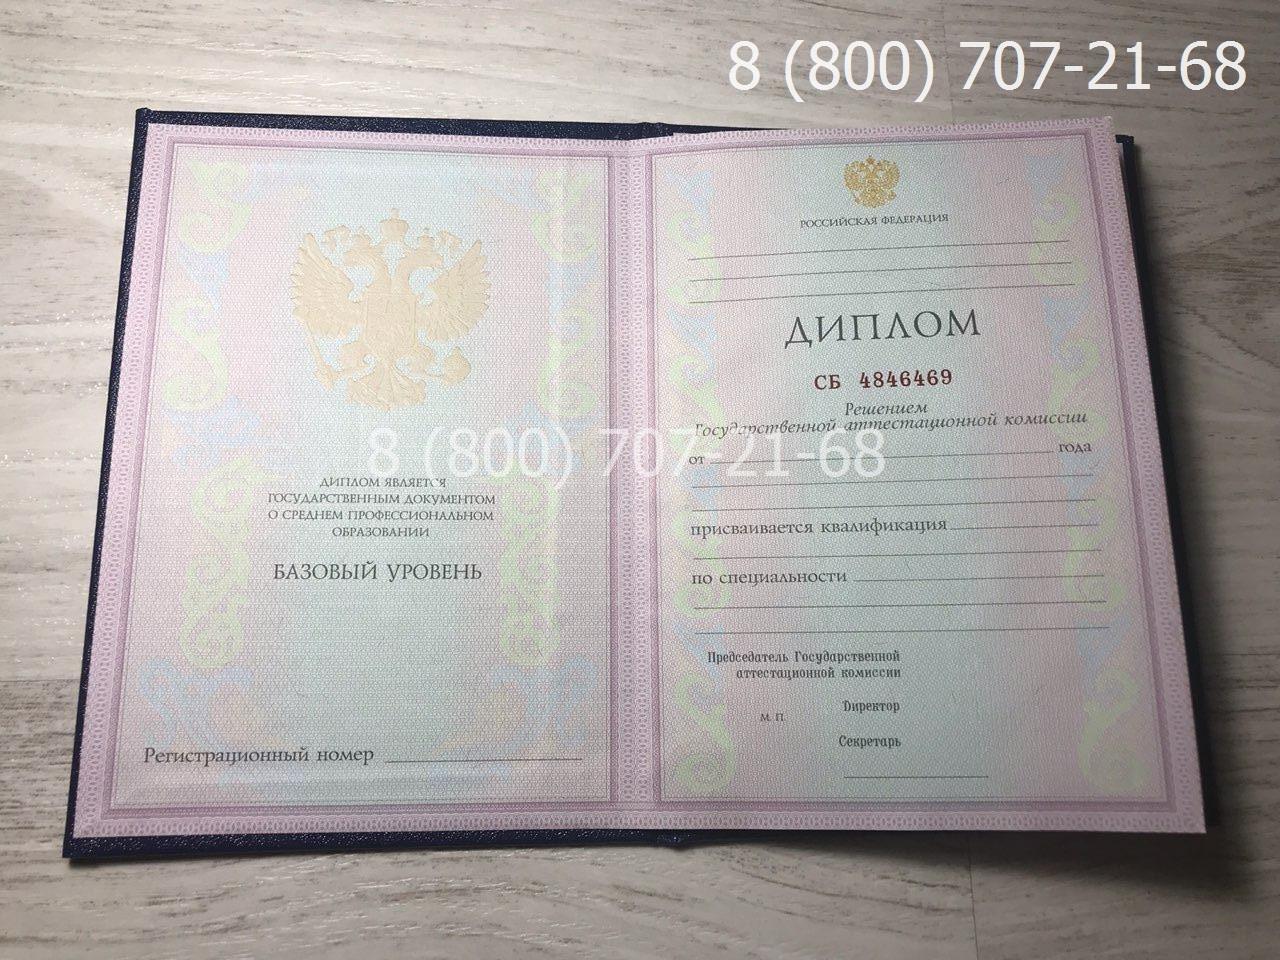 Диплом техникума 1997-2003 года-1